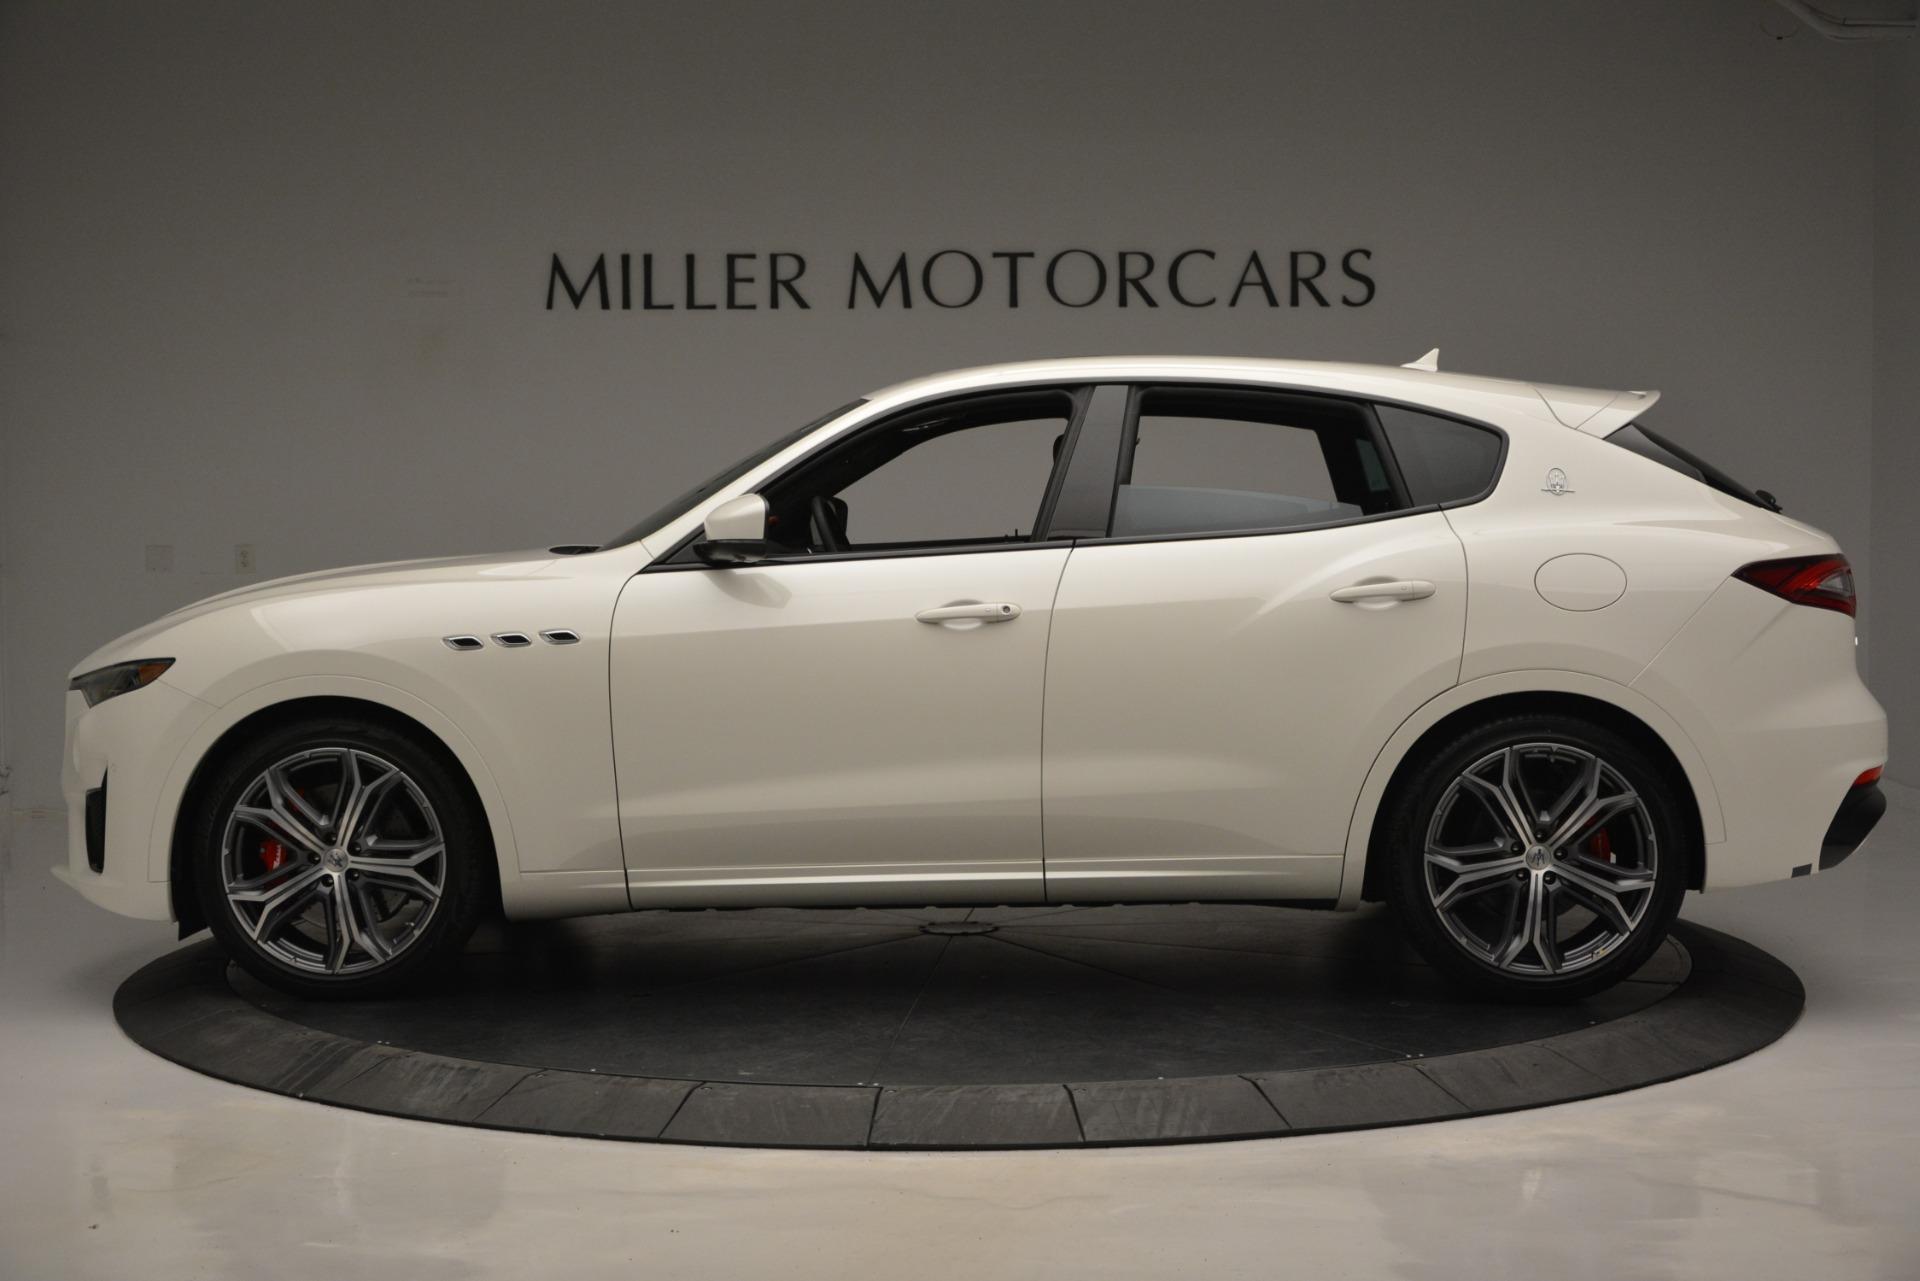 New 2019 Maserati Levante GTS For Sale 130910 In Greenwich, CT